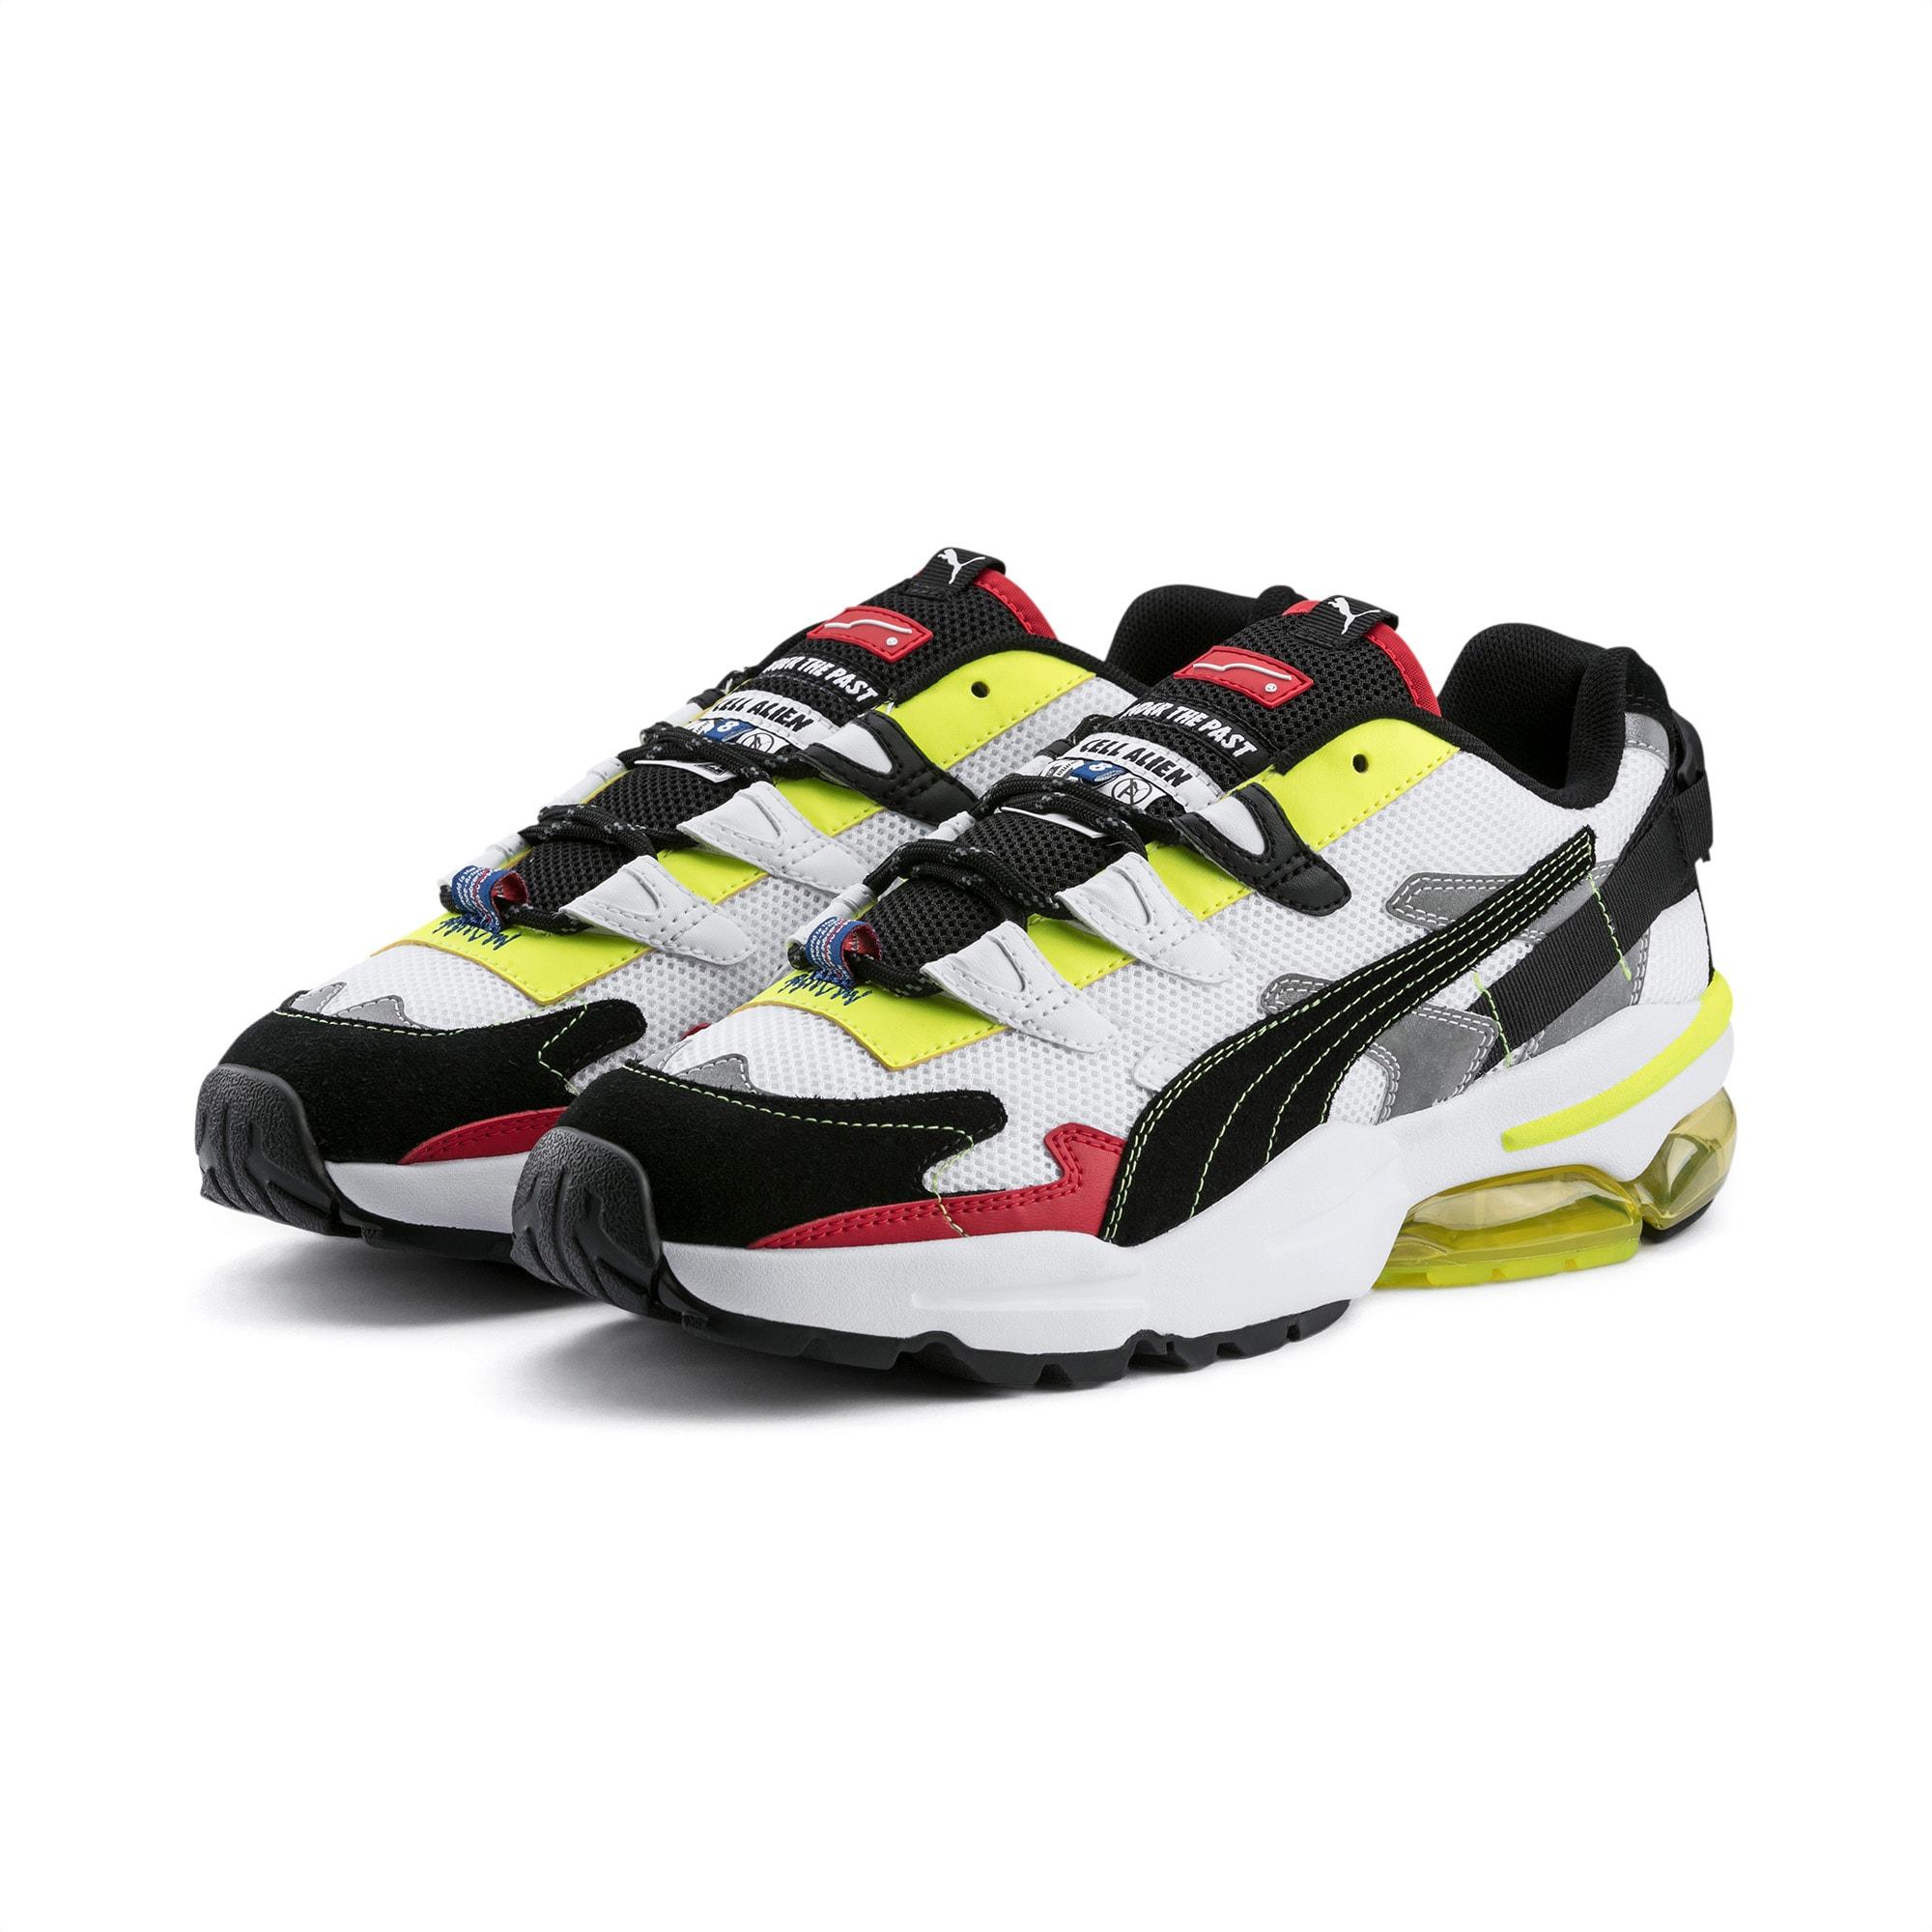 PUMA x ADER ERROR CELL Alien Sneaker